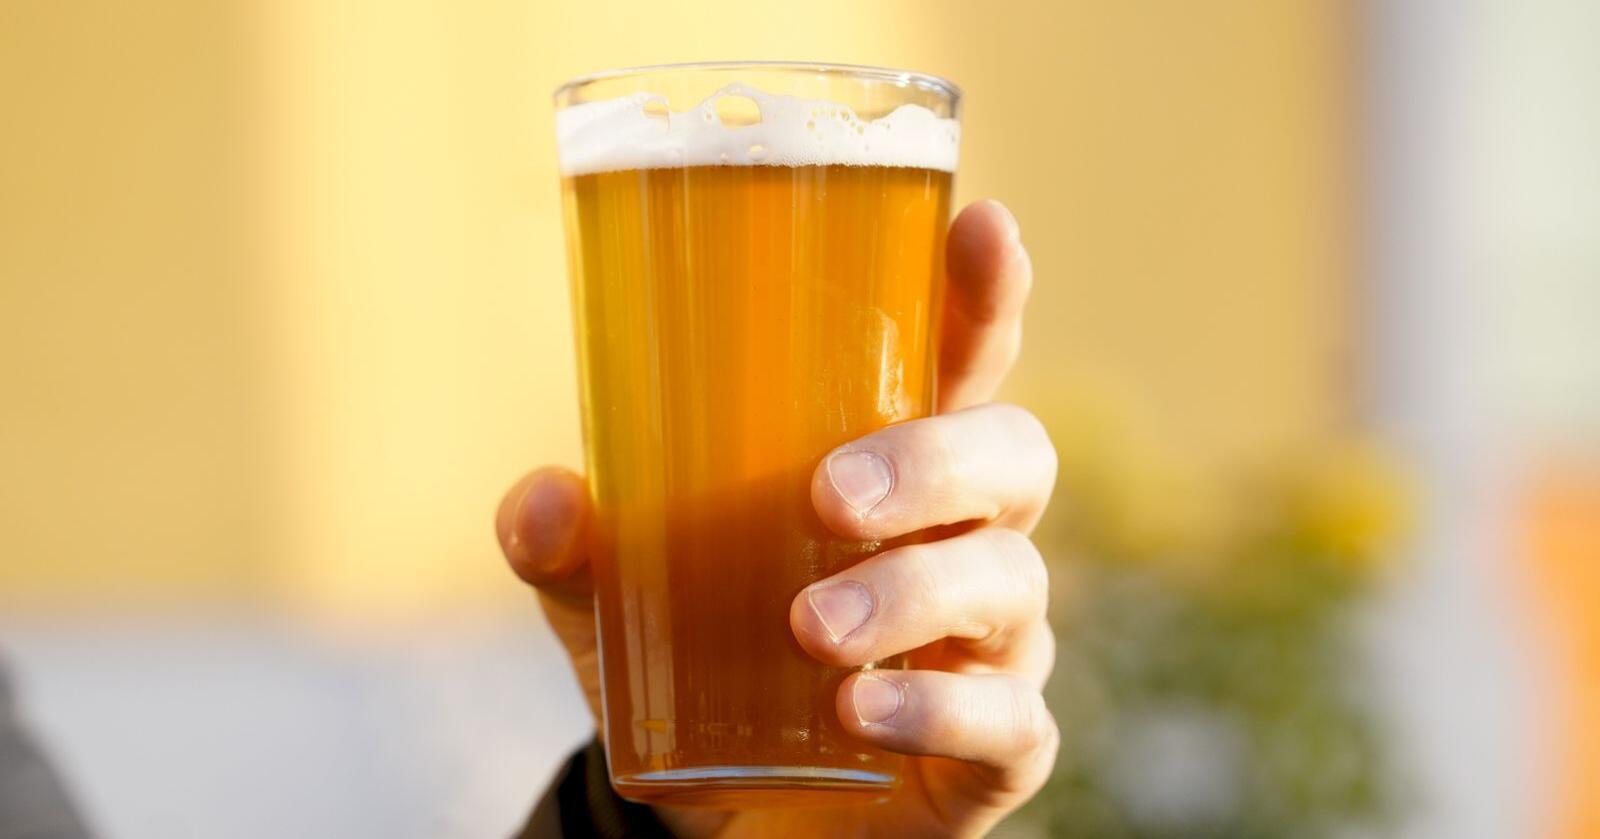 Aukande merksemd rundt kropp og helse, som gjer at fleire enn tidlegare er meir bevisste på alkoholinntaket, er grunnen til rekordsalet, trur Henrik Lund, som er marknadssjef for øl utan alkohol i Ringnes. Illustrasjonsfoto: Fredrik Hagen / NTB scanpix/ NPK